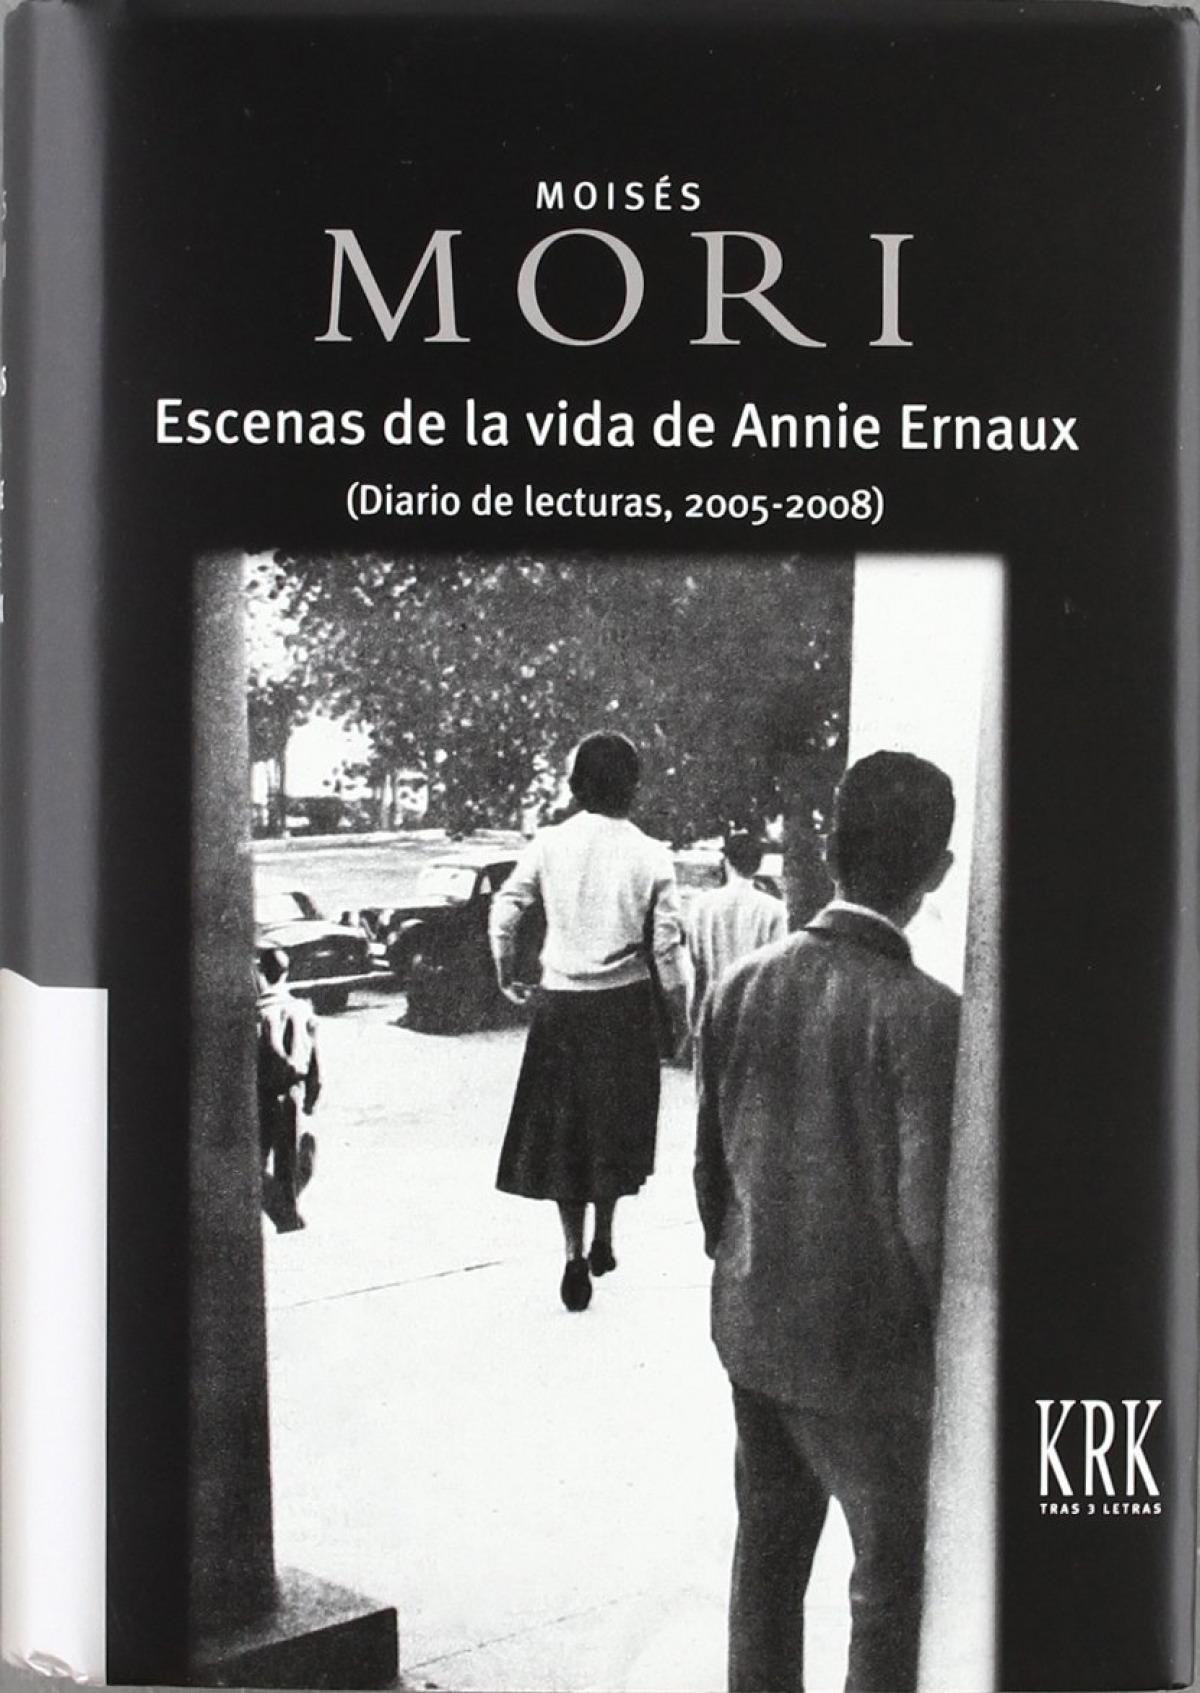 Escenas de la vida de Annie Ernaux